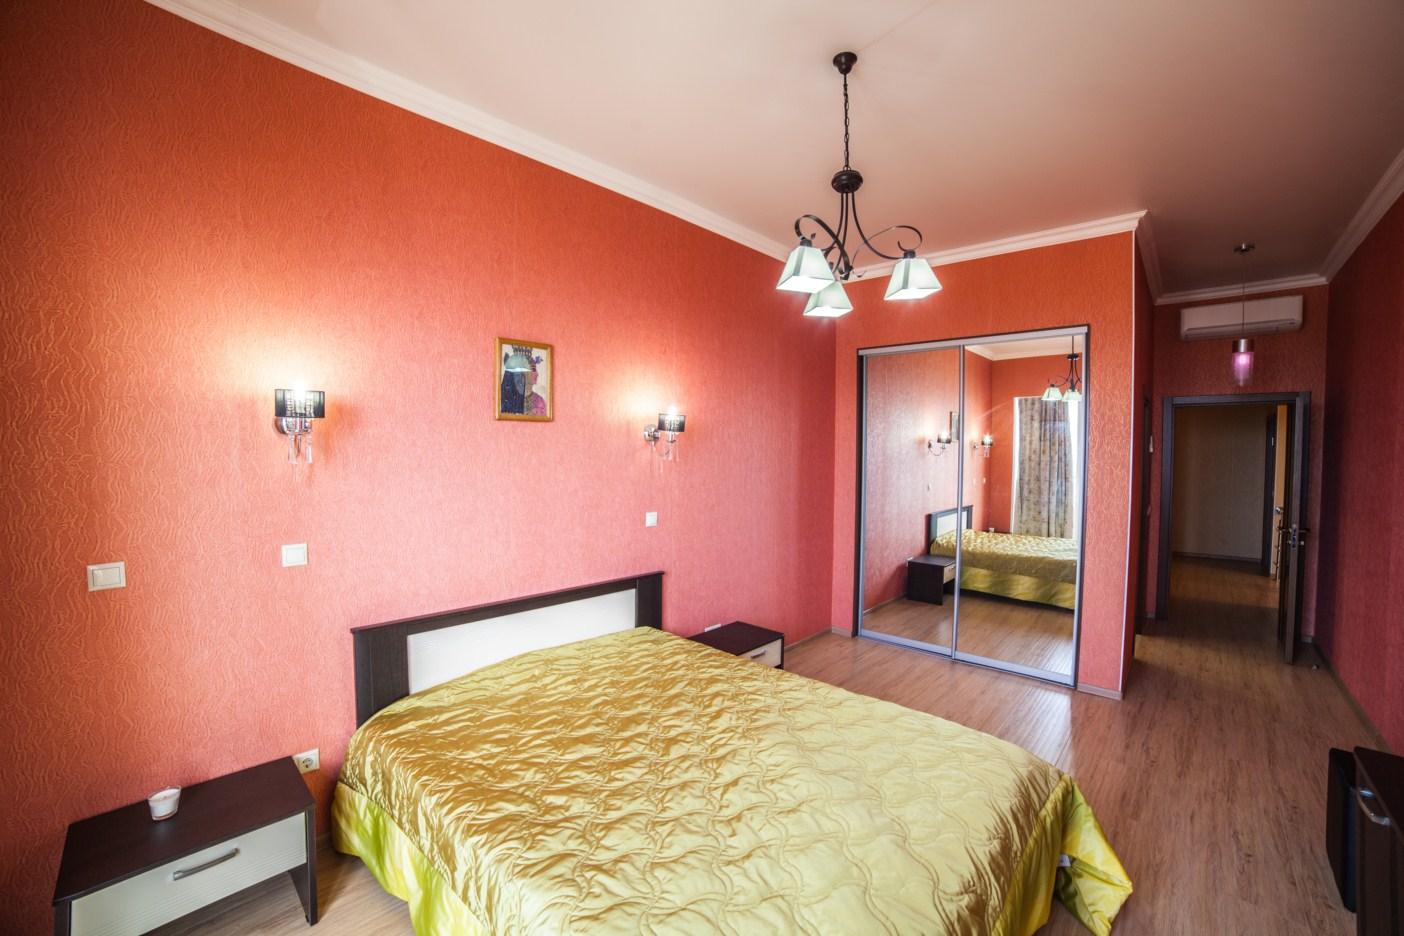 Спальная комната в нежно розовом цвете